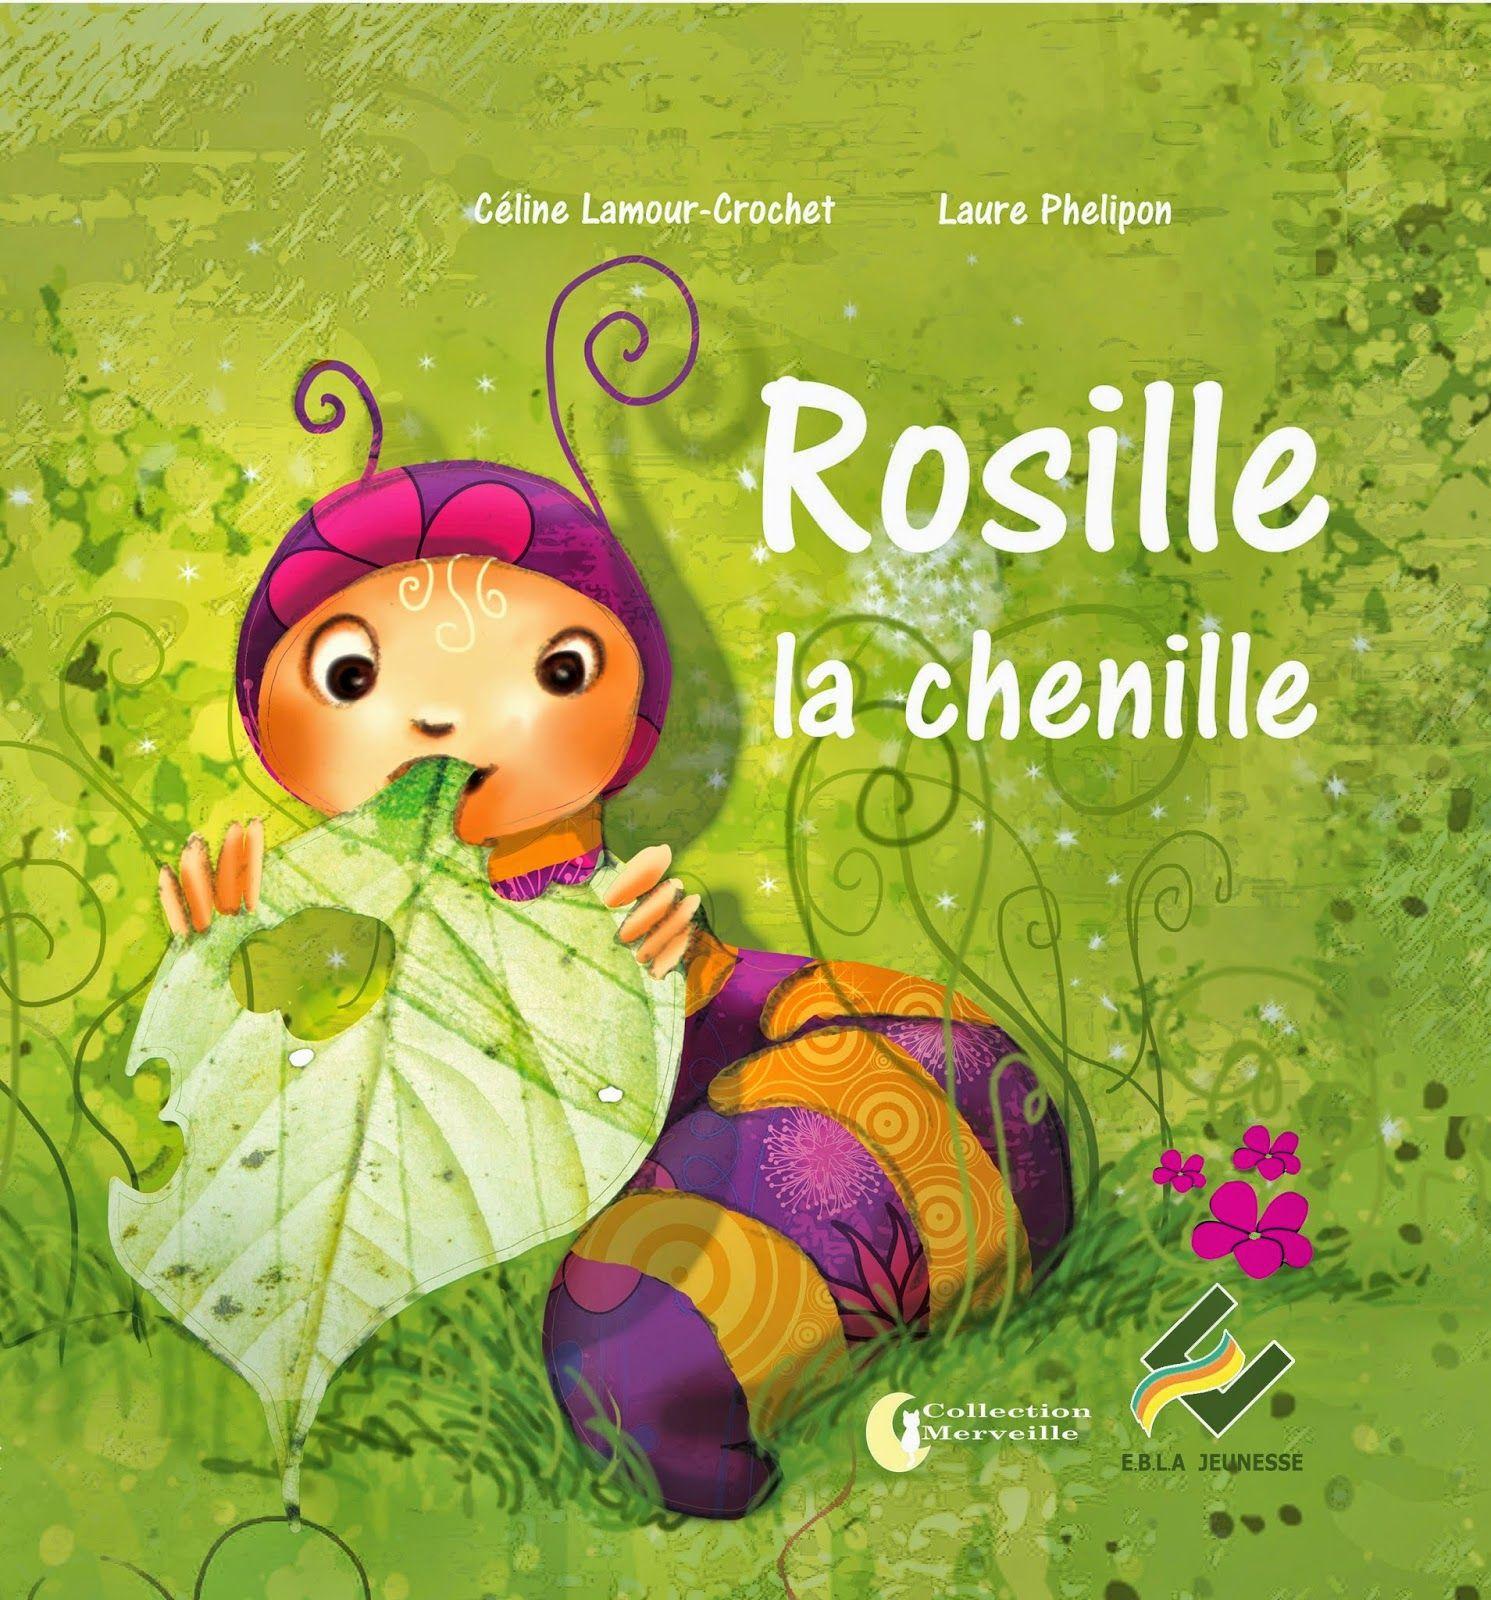 Celine Lamour Crochet Sortie Pedagogique Dans Une Serre Aux